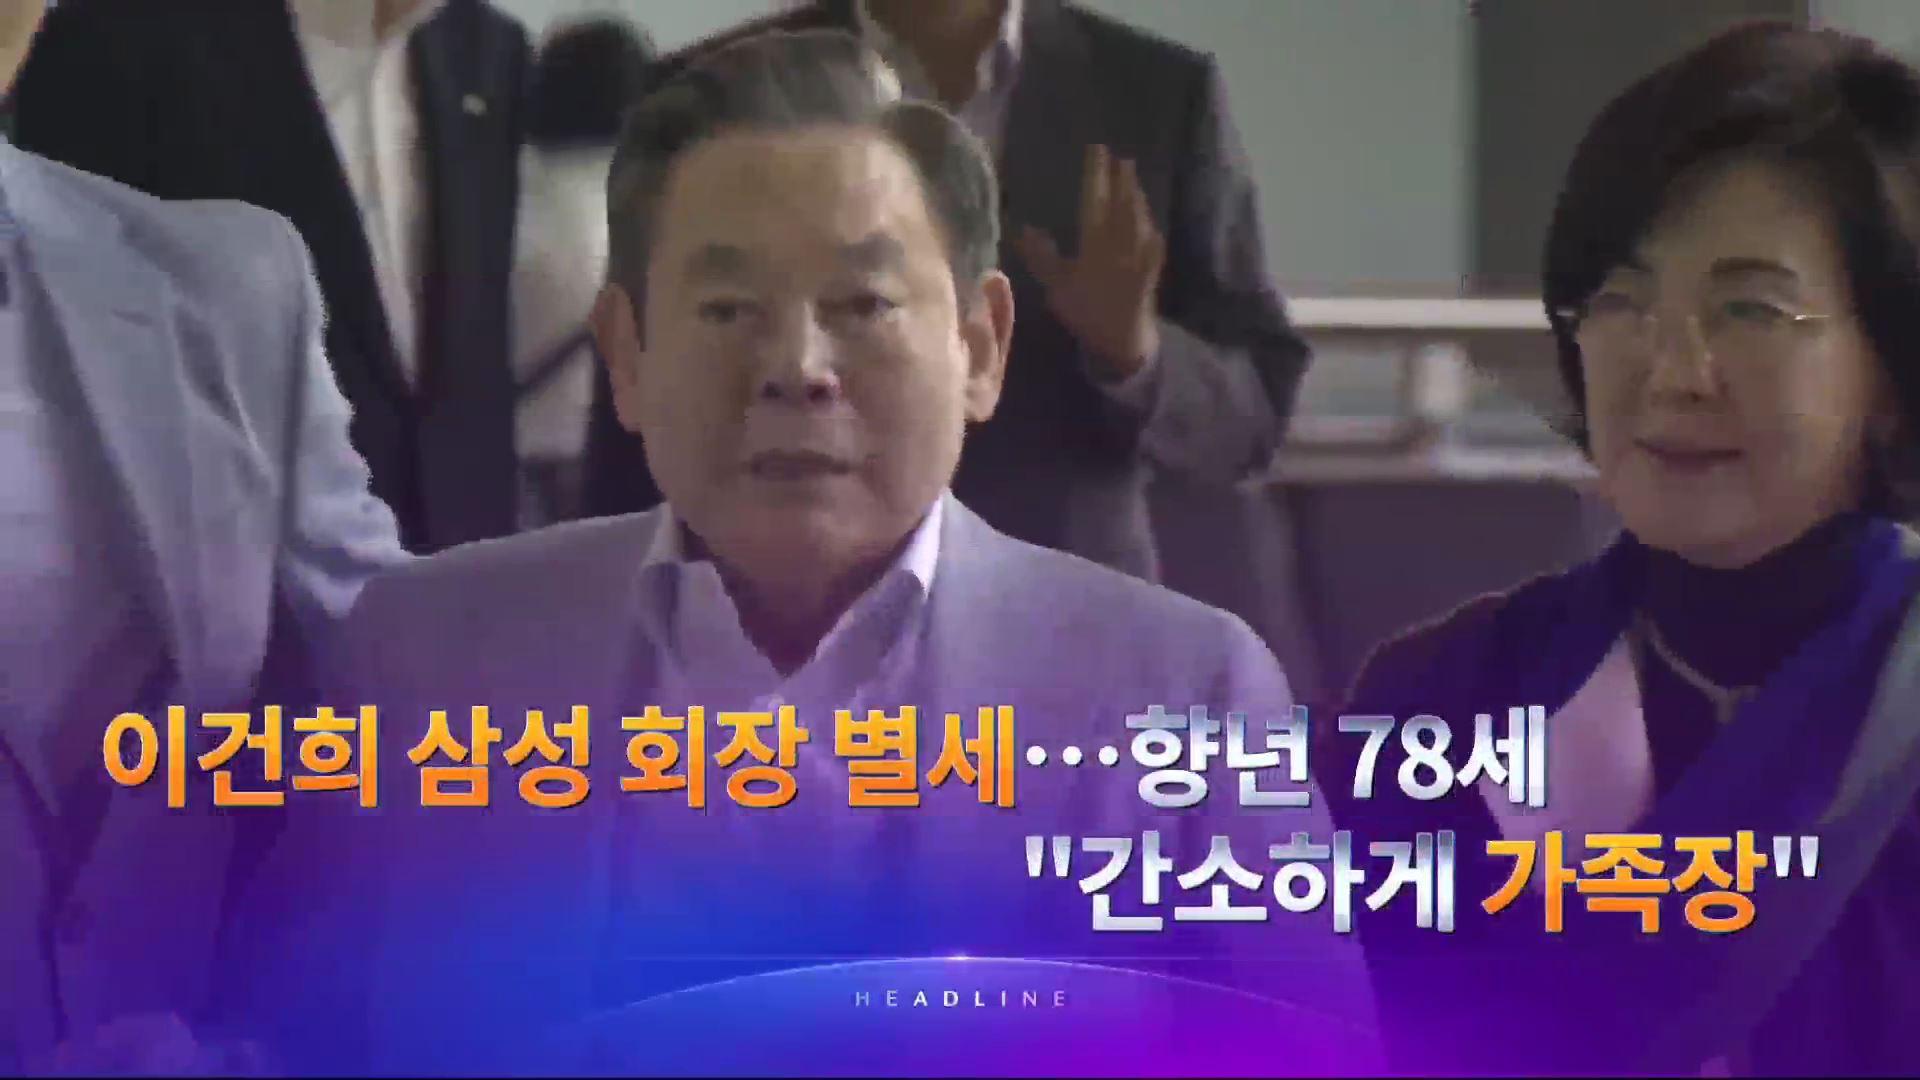 10월 25일 '뉴스7' 헤드라인